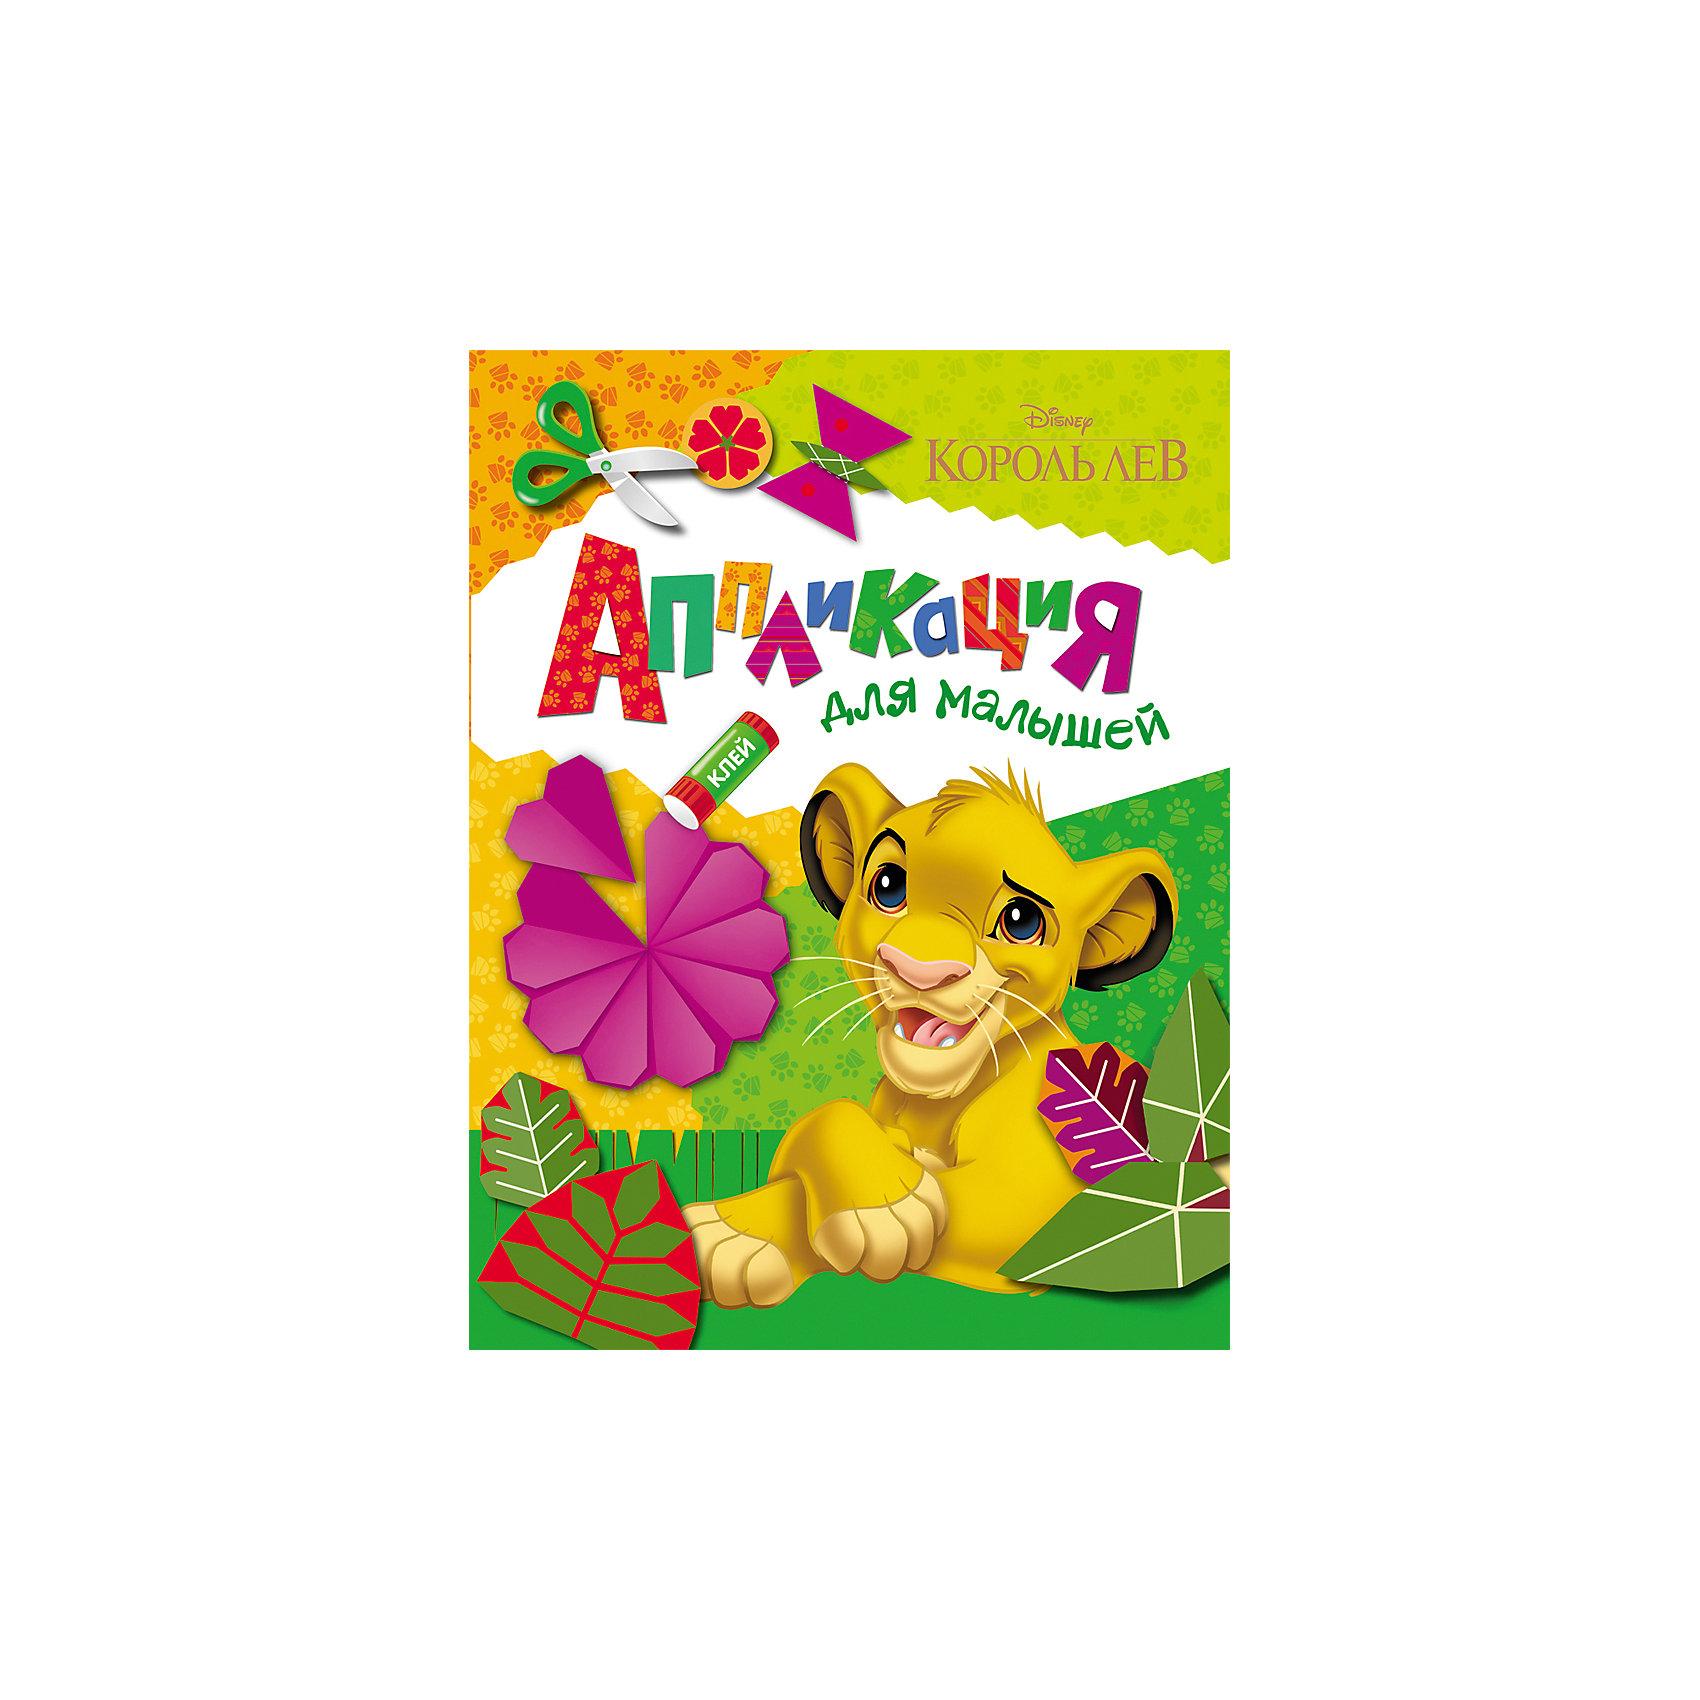 Аппликация для малышей Король ЛевРосмэн<br>Аппликация для малышей Король Лев – это возможность создать красочные аппликации по мотивам мультсериала «Король Лев».<br>Аппликация - это интересное и эффективное занятие, которое в увлекательной форме поможет ребенку развить аккуратность, внимание, воображение и мелкую моторику рук. Задания, собранные в этой книге, рассчитаны на детей от 3 до 5 лет. На каждом развороте вы найдете фоновую картинку для наклеивания деталей, перечень необходимых элементов, пошаговую инструкцию и иллюстрацию-подсказку. Все необходимые детали даны в конце книги. Вам потребуются только безопасные ножницы, клей и немного фантазии!<br><br>Дополнительная информация:<br><br>- Издательство: Росмэн<br>- Тип обложки: мягкая обложка<br>- Иллюстрации: цветные<br>- Количество страниц: 12<br>- Размер: 275х212х2 мм.<br>- Вес: 64 гр.<br><br>Книгу Аппликация для малышей Король Лев можно купить в нашем интернет-магазине.<br><br>Ширина мм: 275<br>Глубина мм: 212<br>Высота мм: 2<br>Вес г: 64<br>Возраст от месяцев: 36<br>Возраст до месяцев: 72<br>Пол: Унисекс<br>Возраст: Детский<br>SKU: 4602280